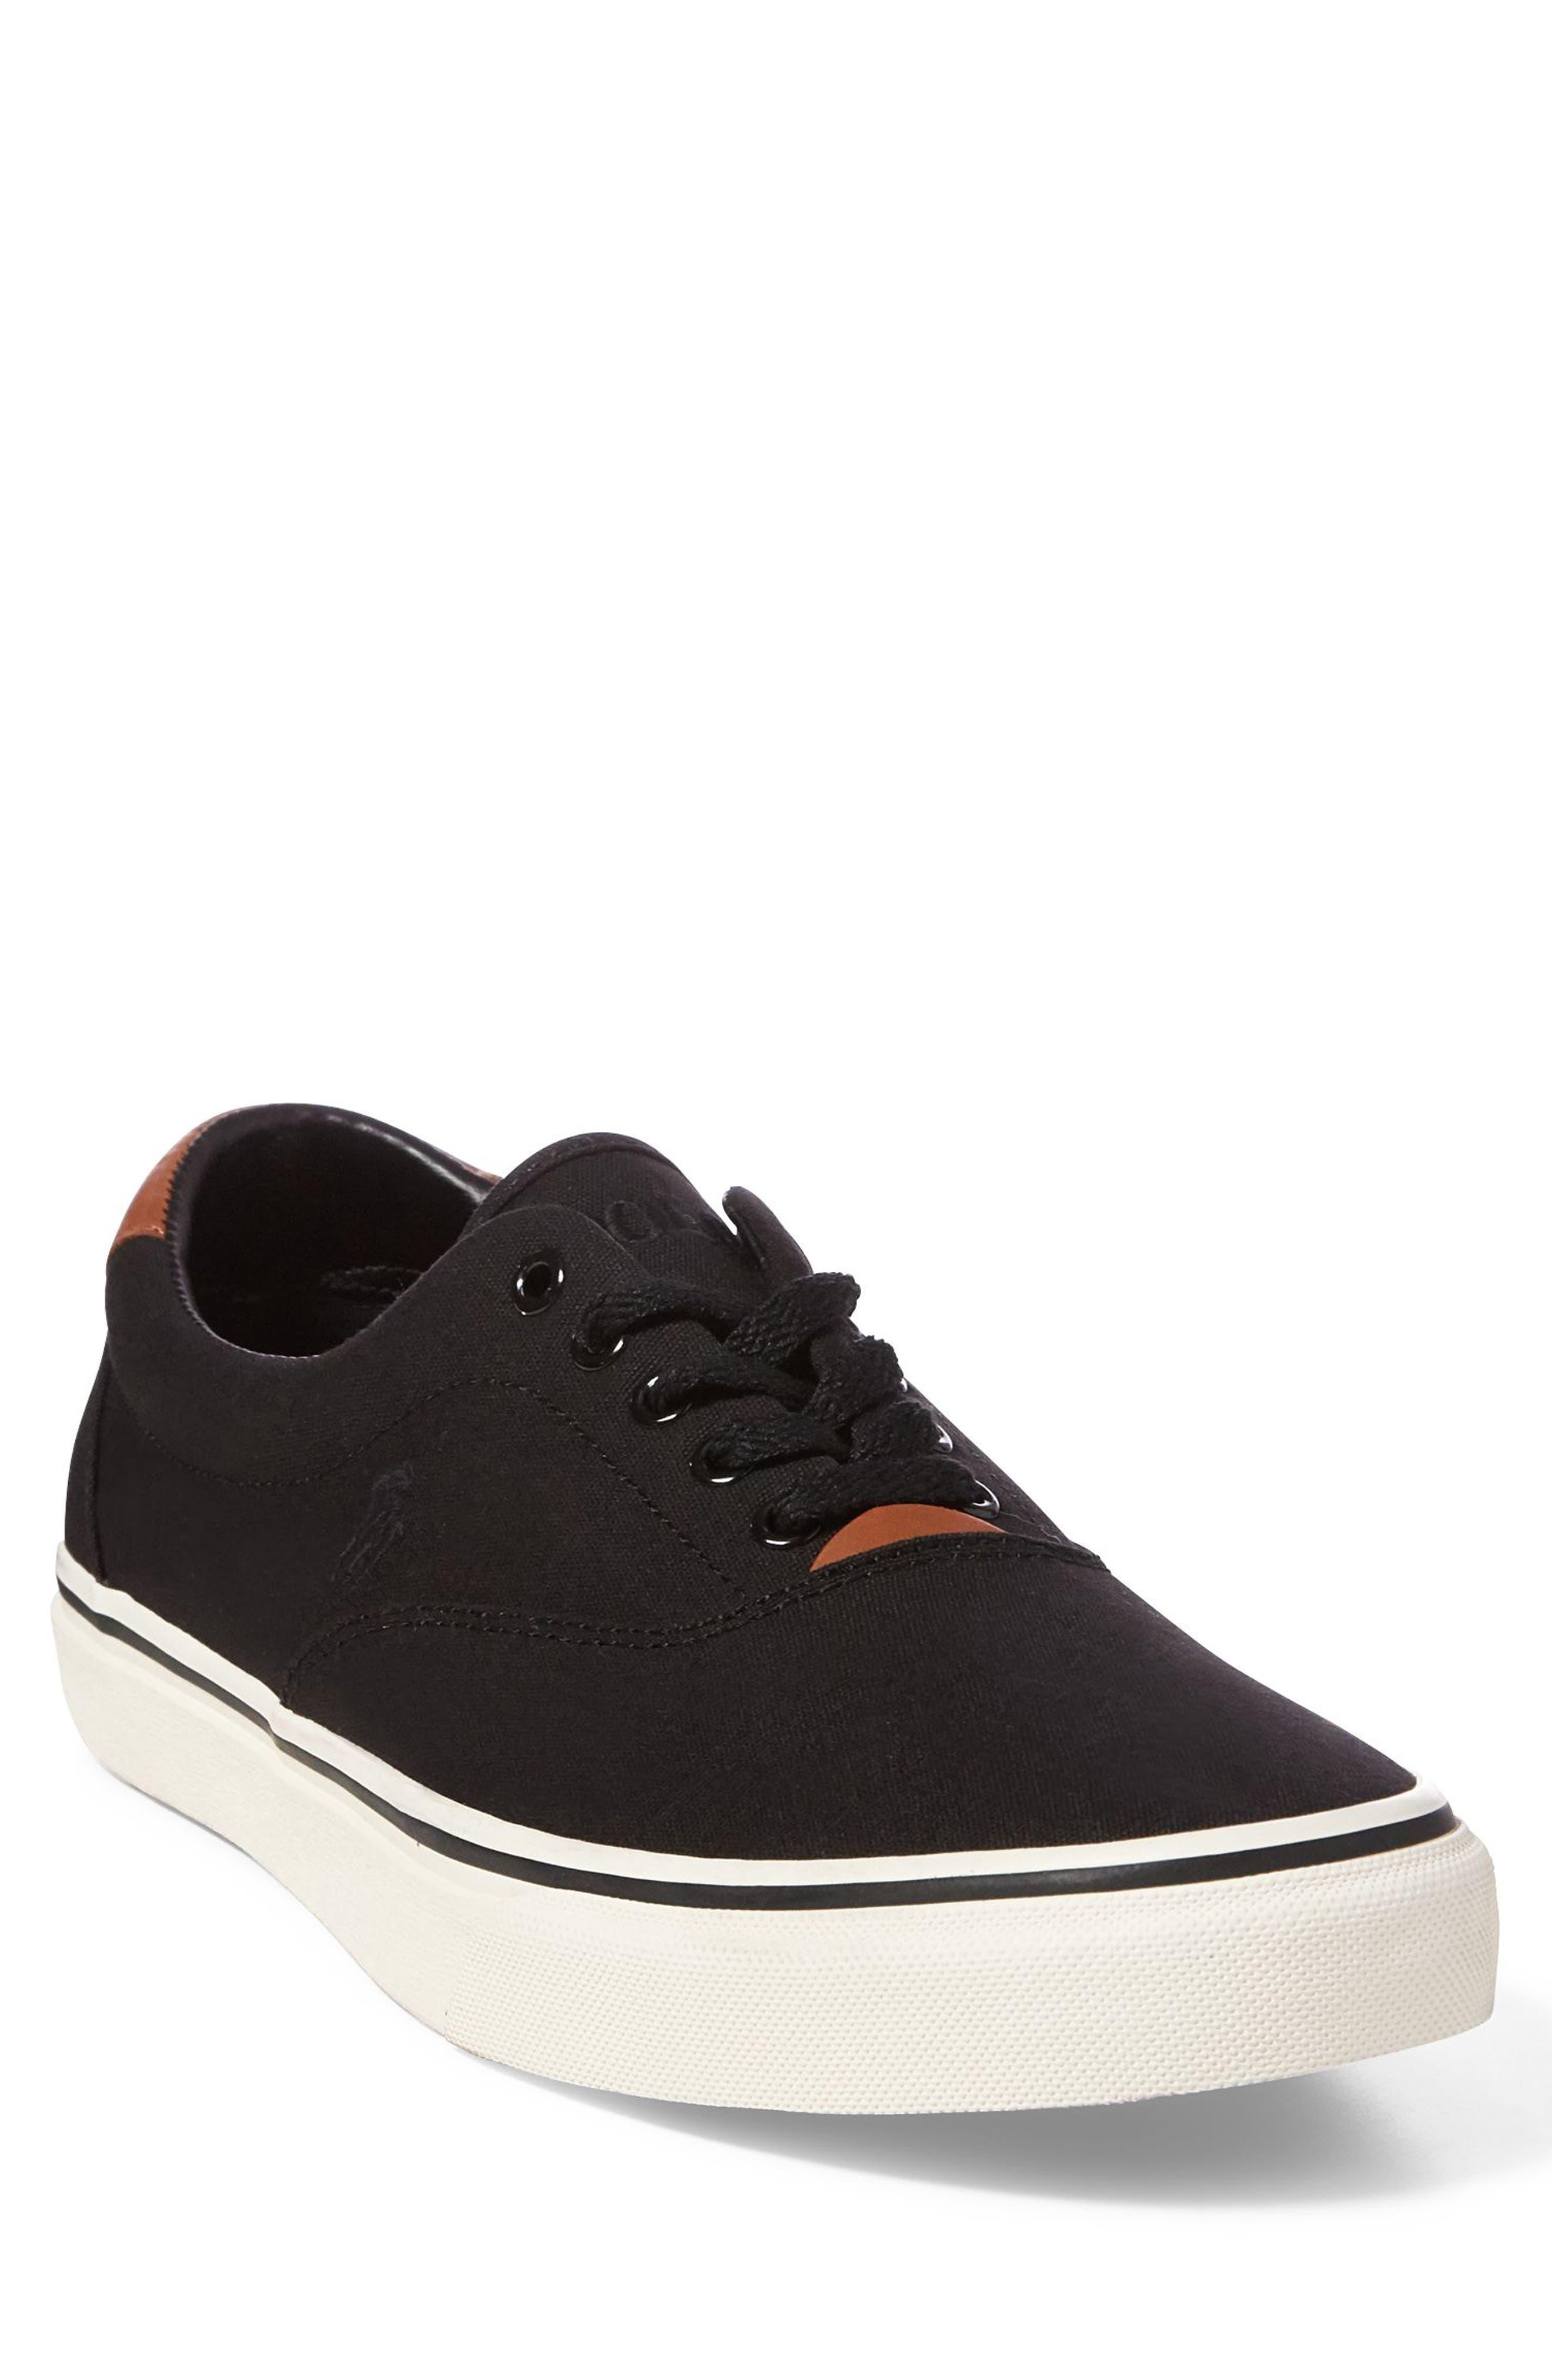 POLO RALPH LAUREN Thorton Low Top Sneaker, Main, color, BLACK CANVAS